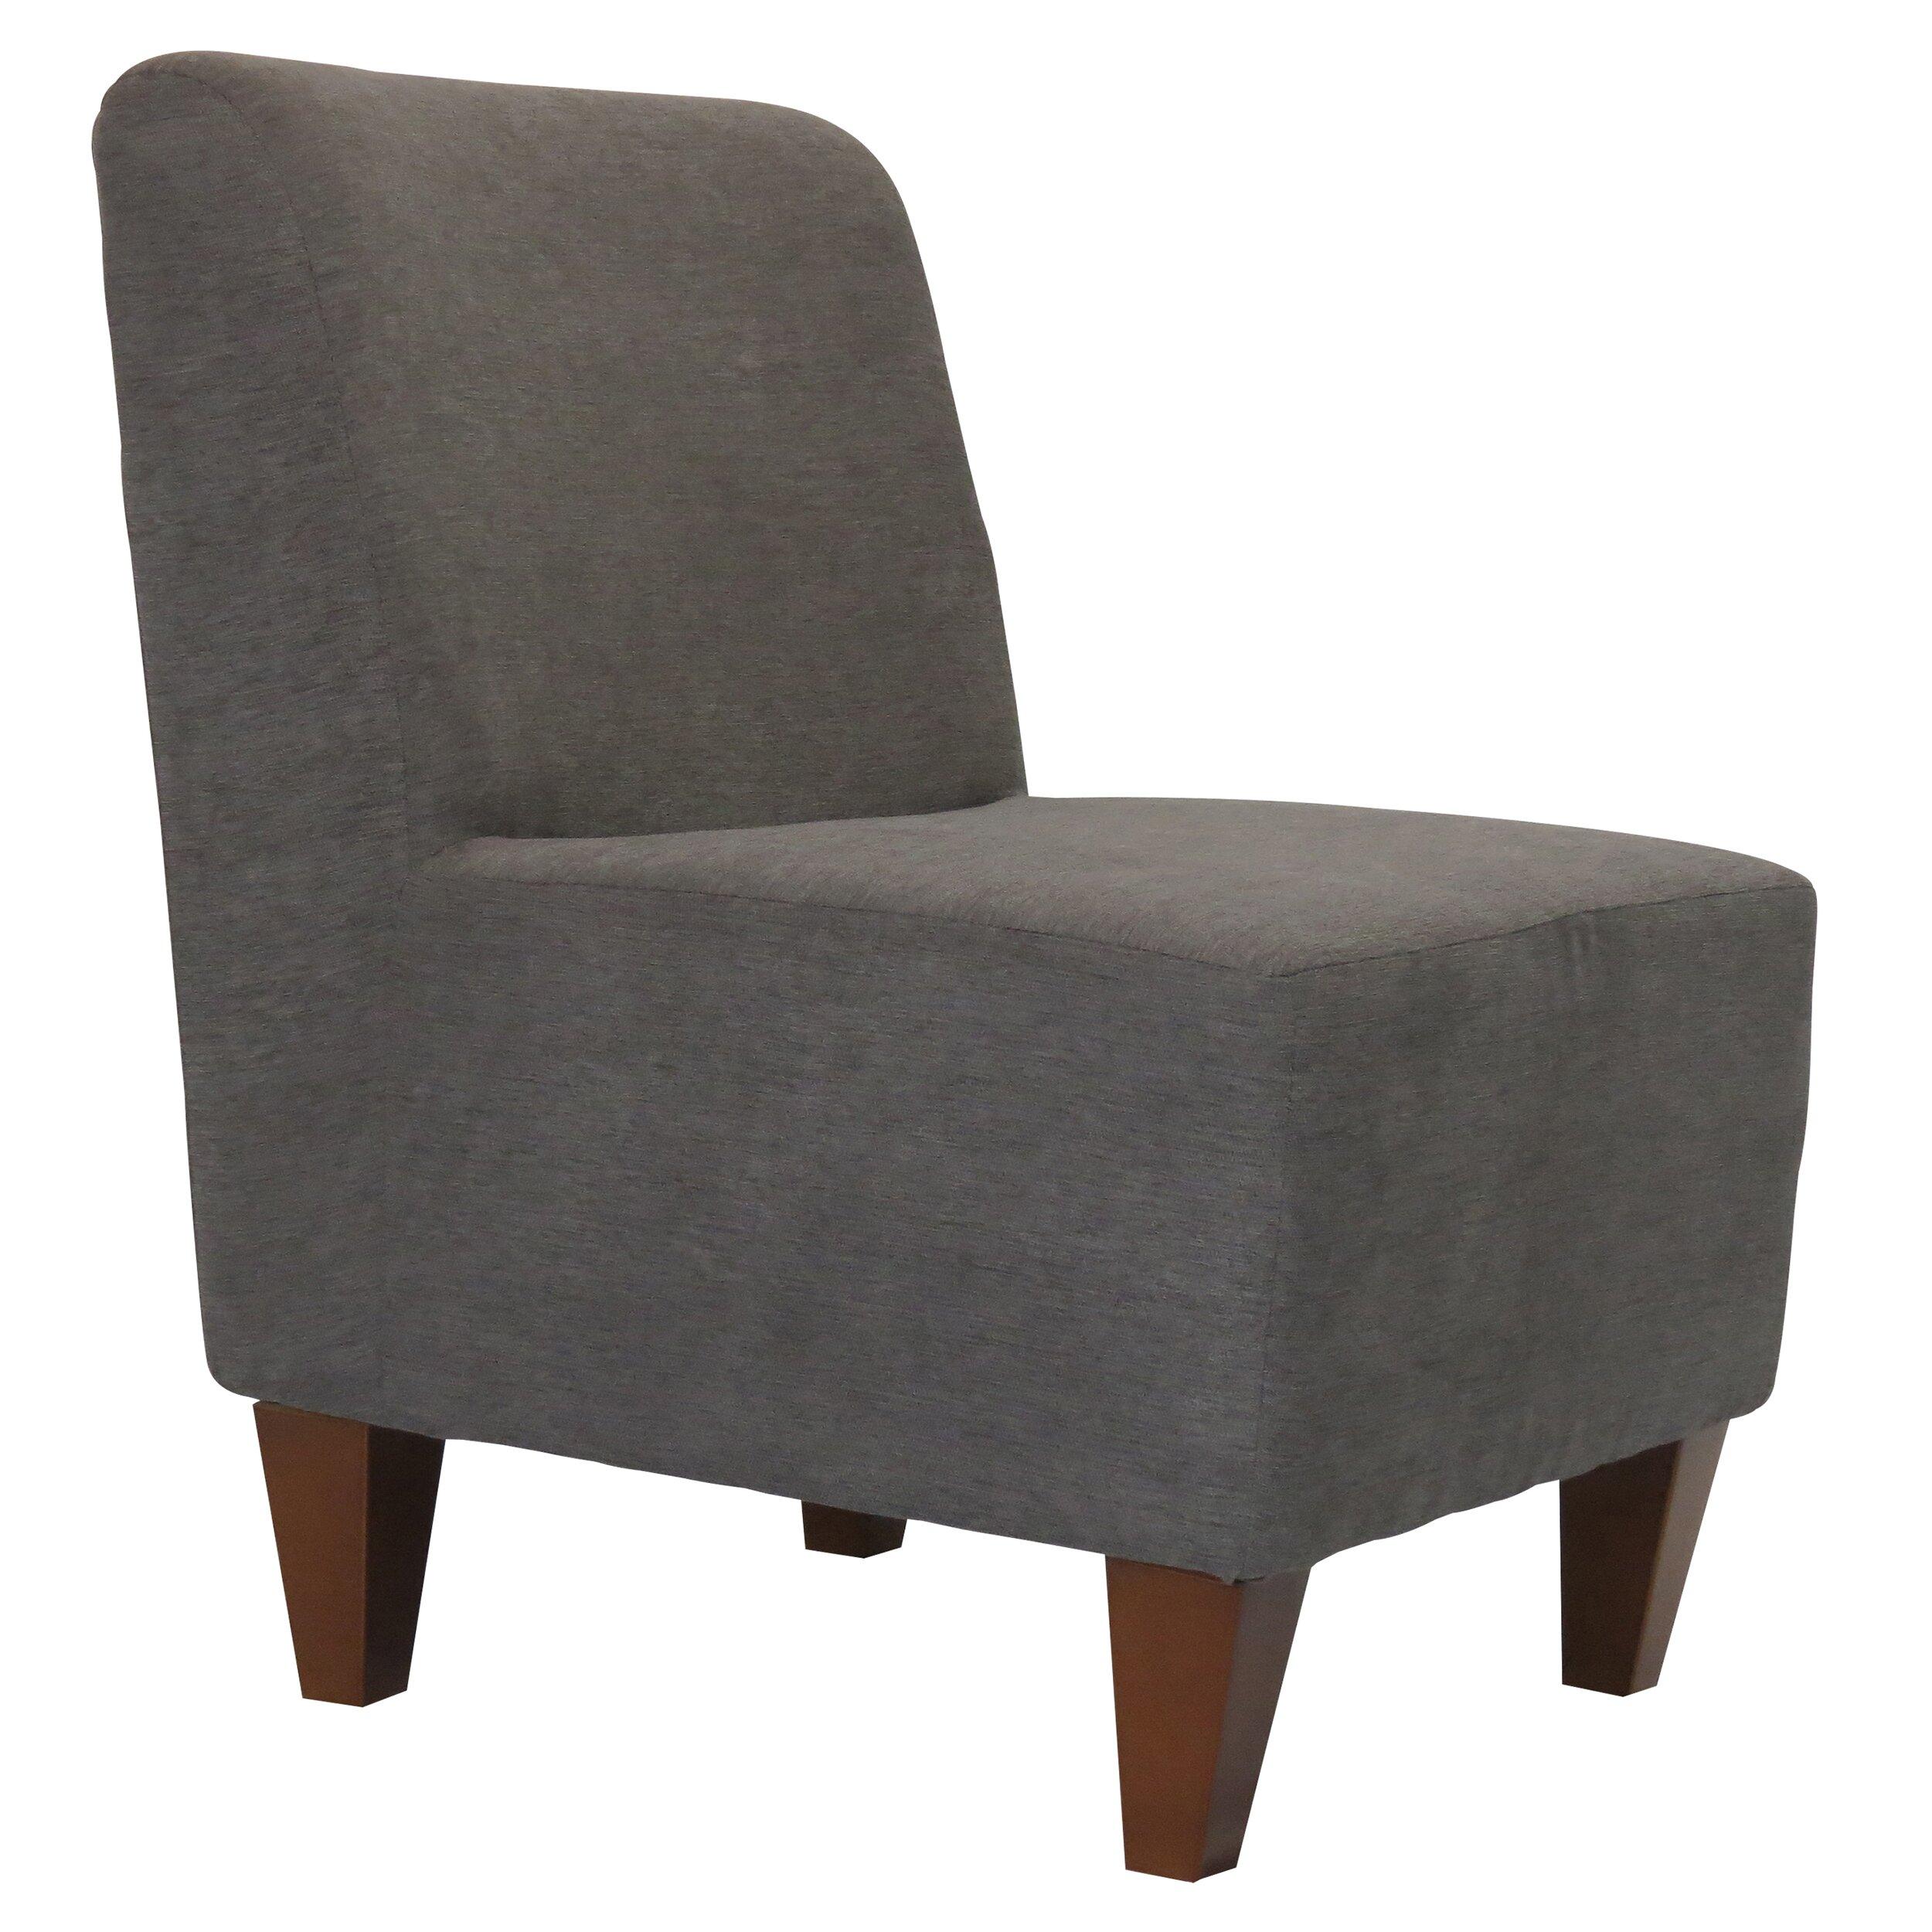 Fox hill trading penelope slipper chair reviews wayfair for Slipper chair